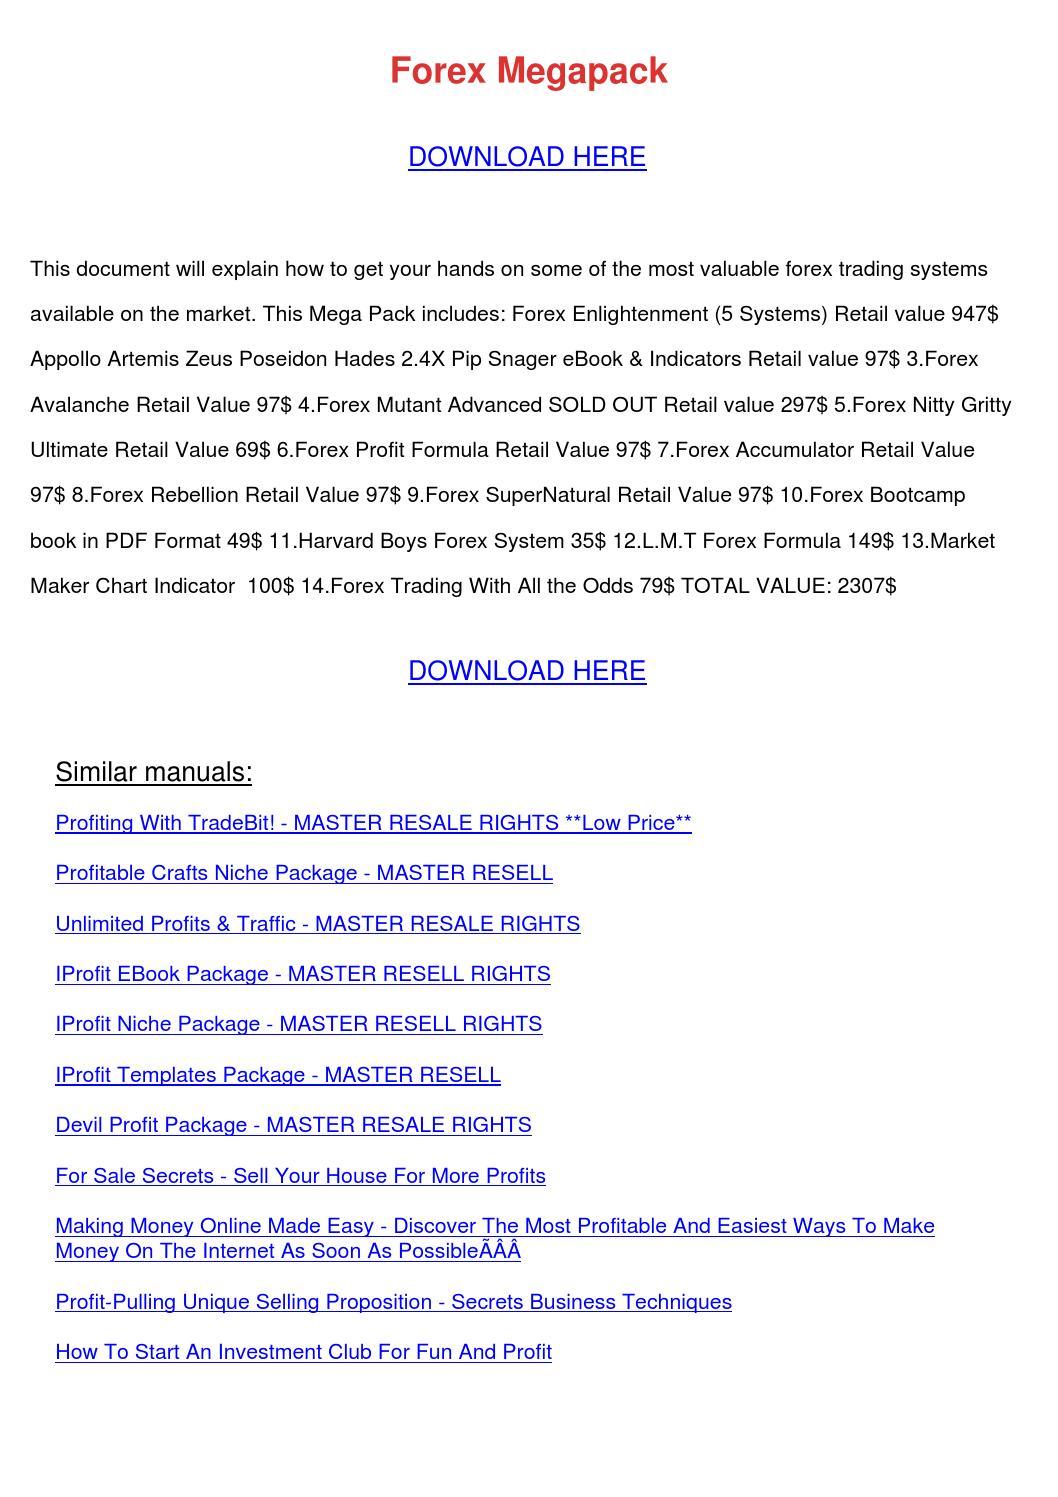 Forex nitty gritty pdf